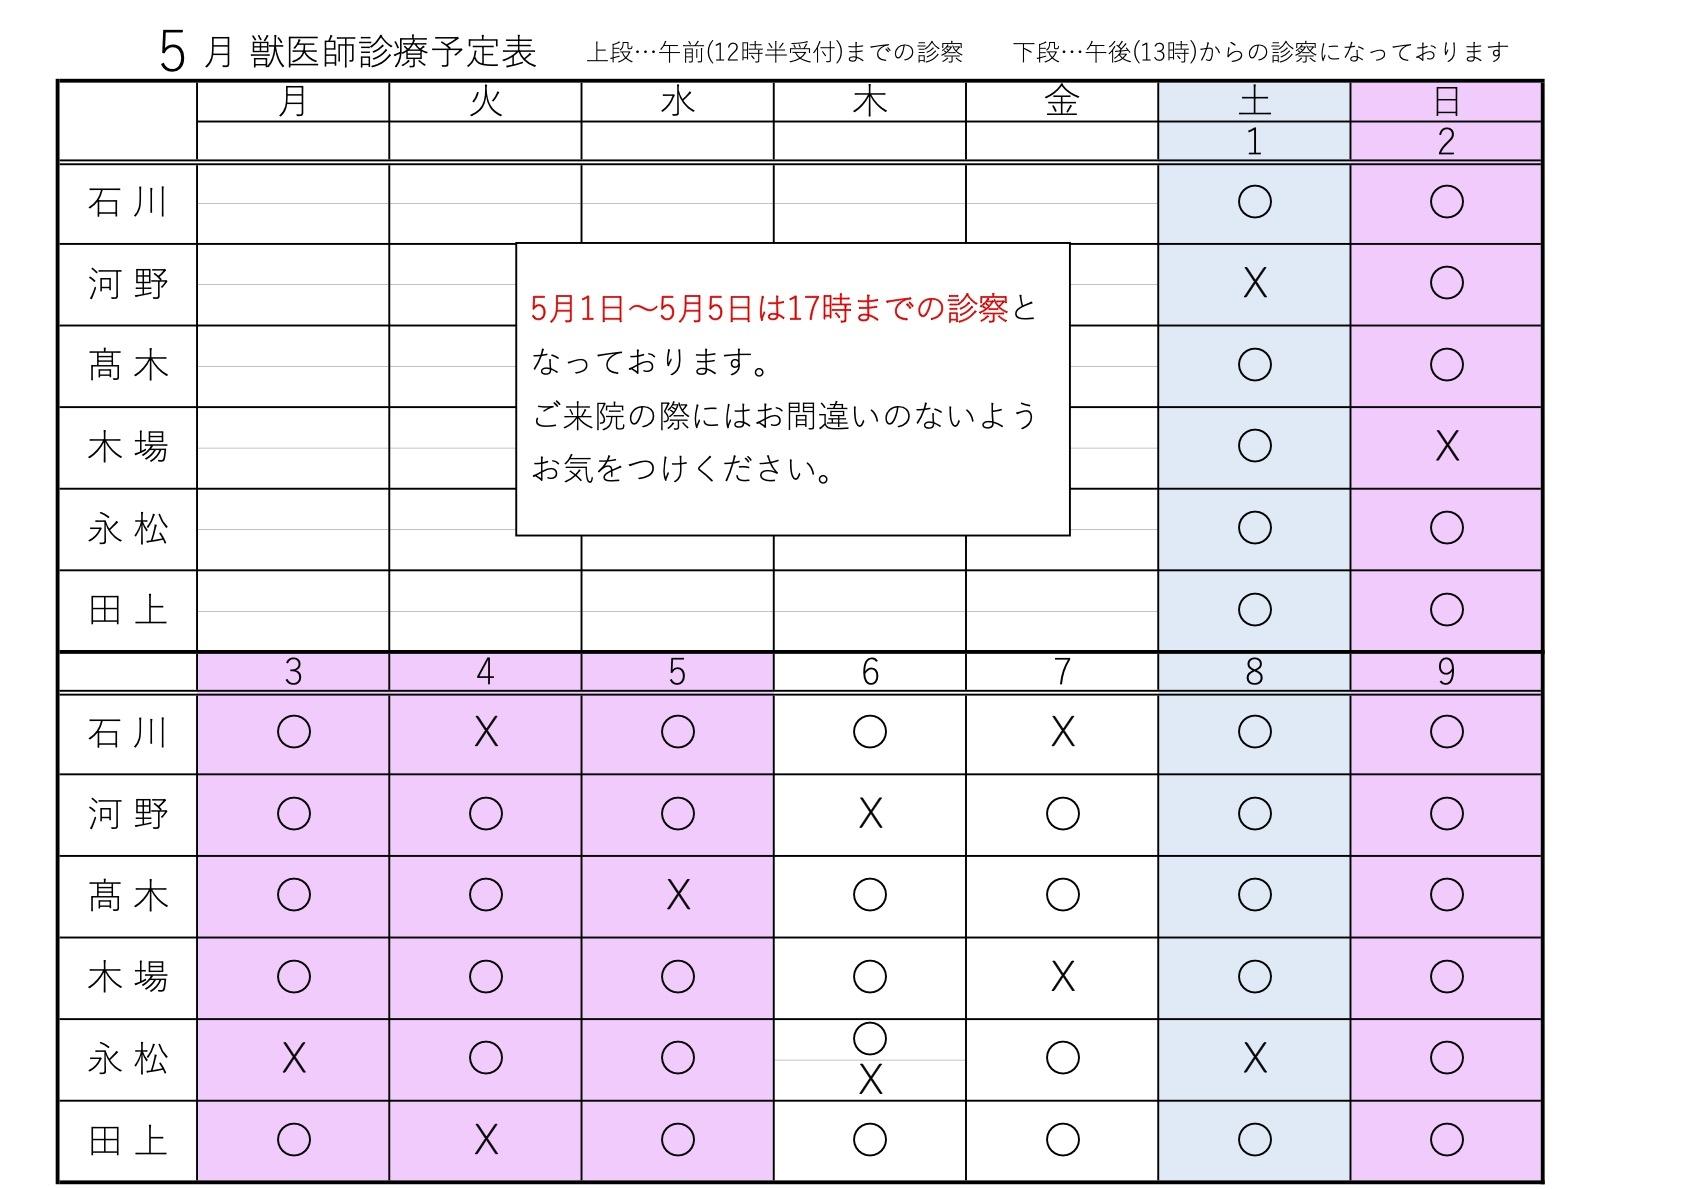 5月1~9日 獣医師診療予定表